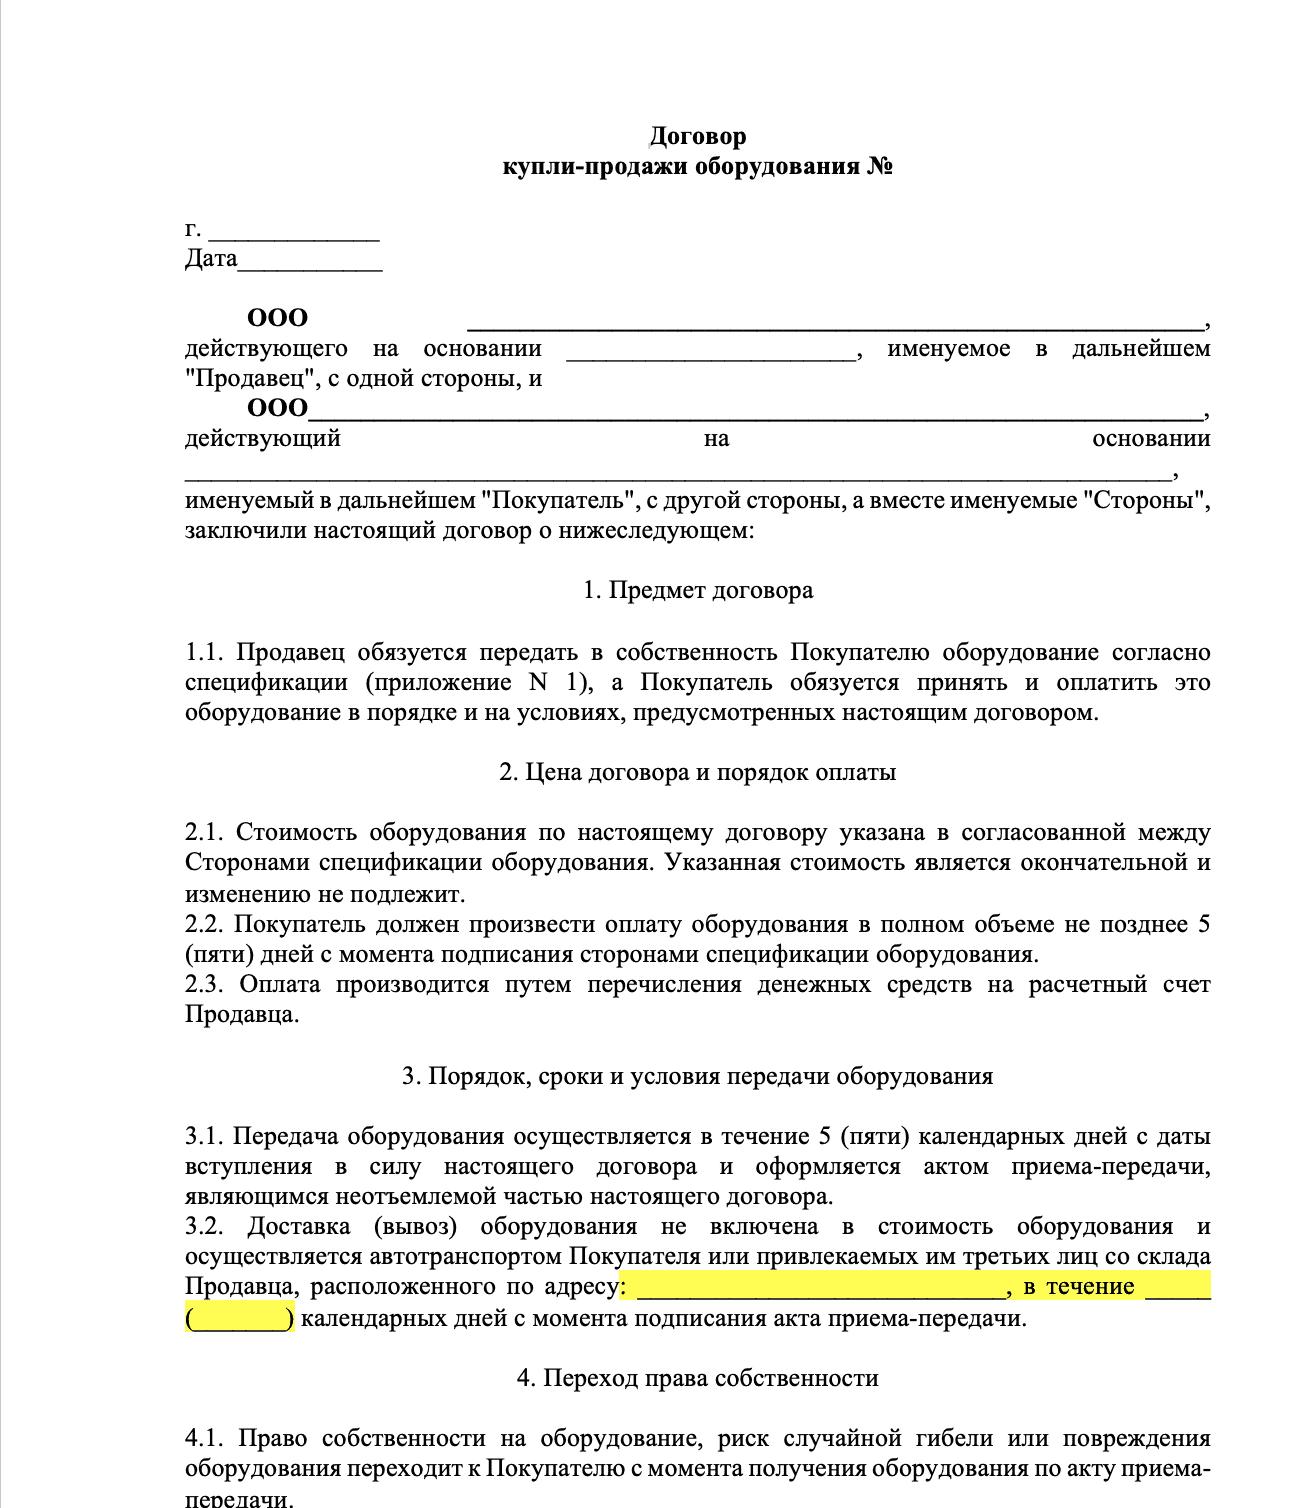 Договор купли-продажи оборудования шаблон.docx